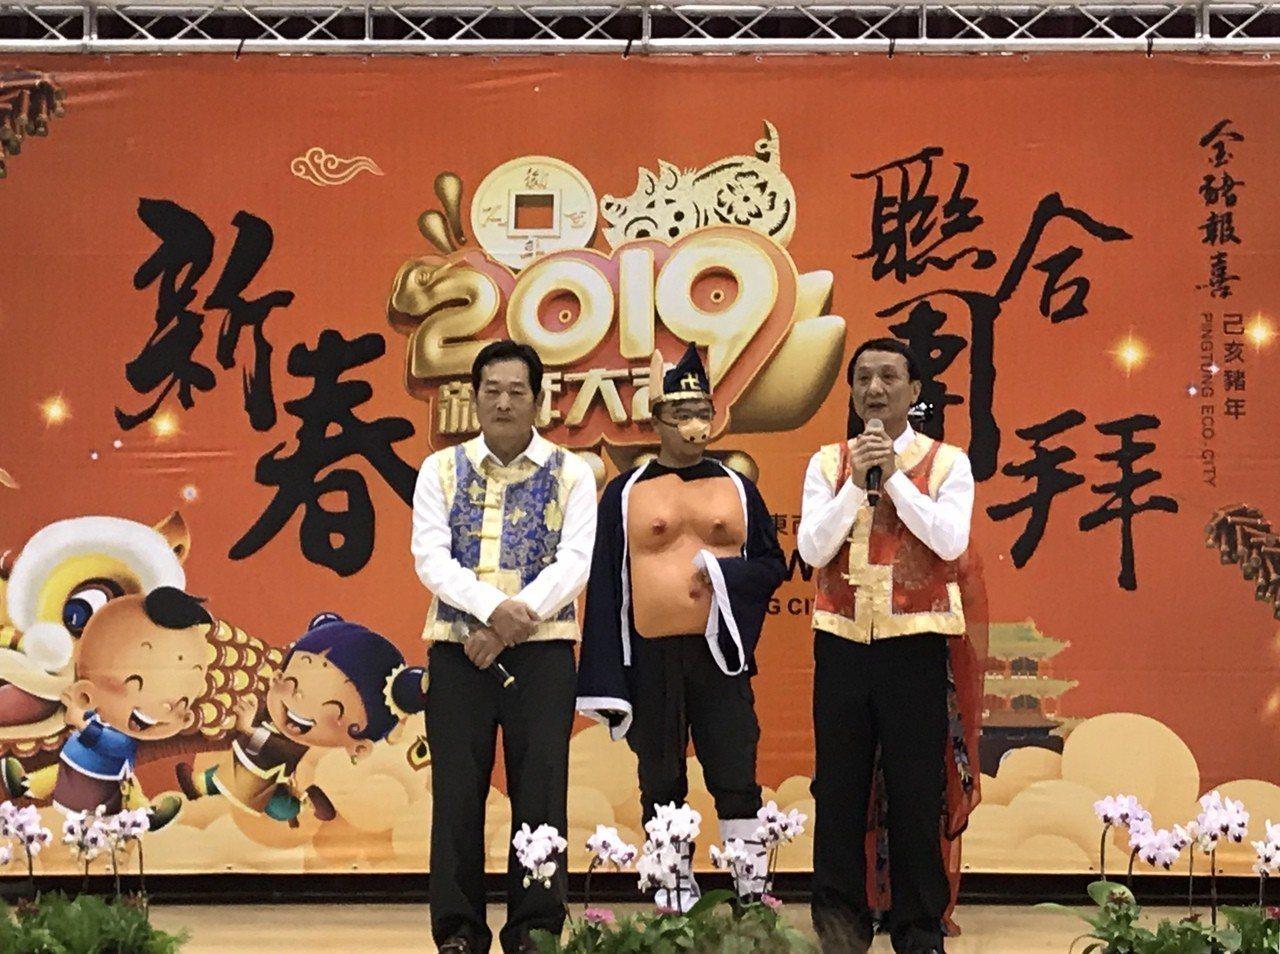 今日屏東市公所新春團拜,市長林恊松(右)宣示「鄰里編整」勢在必行。記者江國豪/攝...